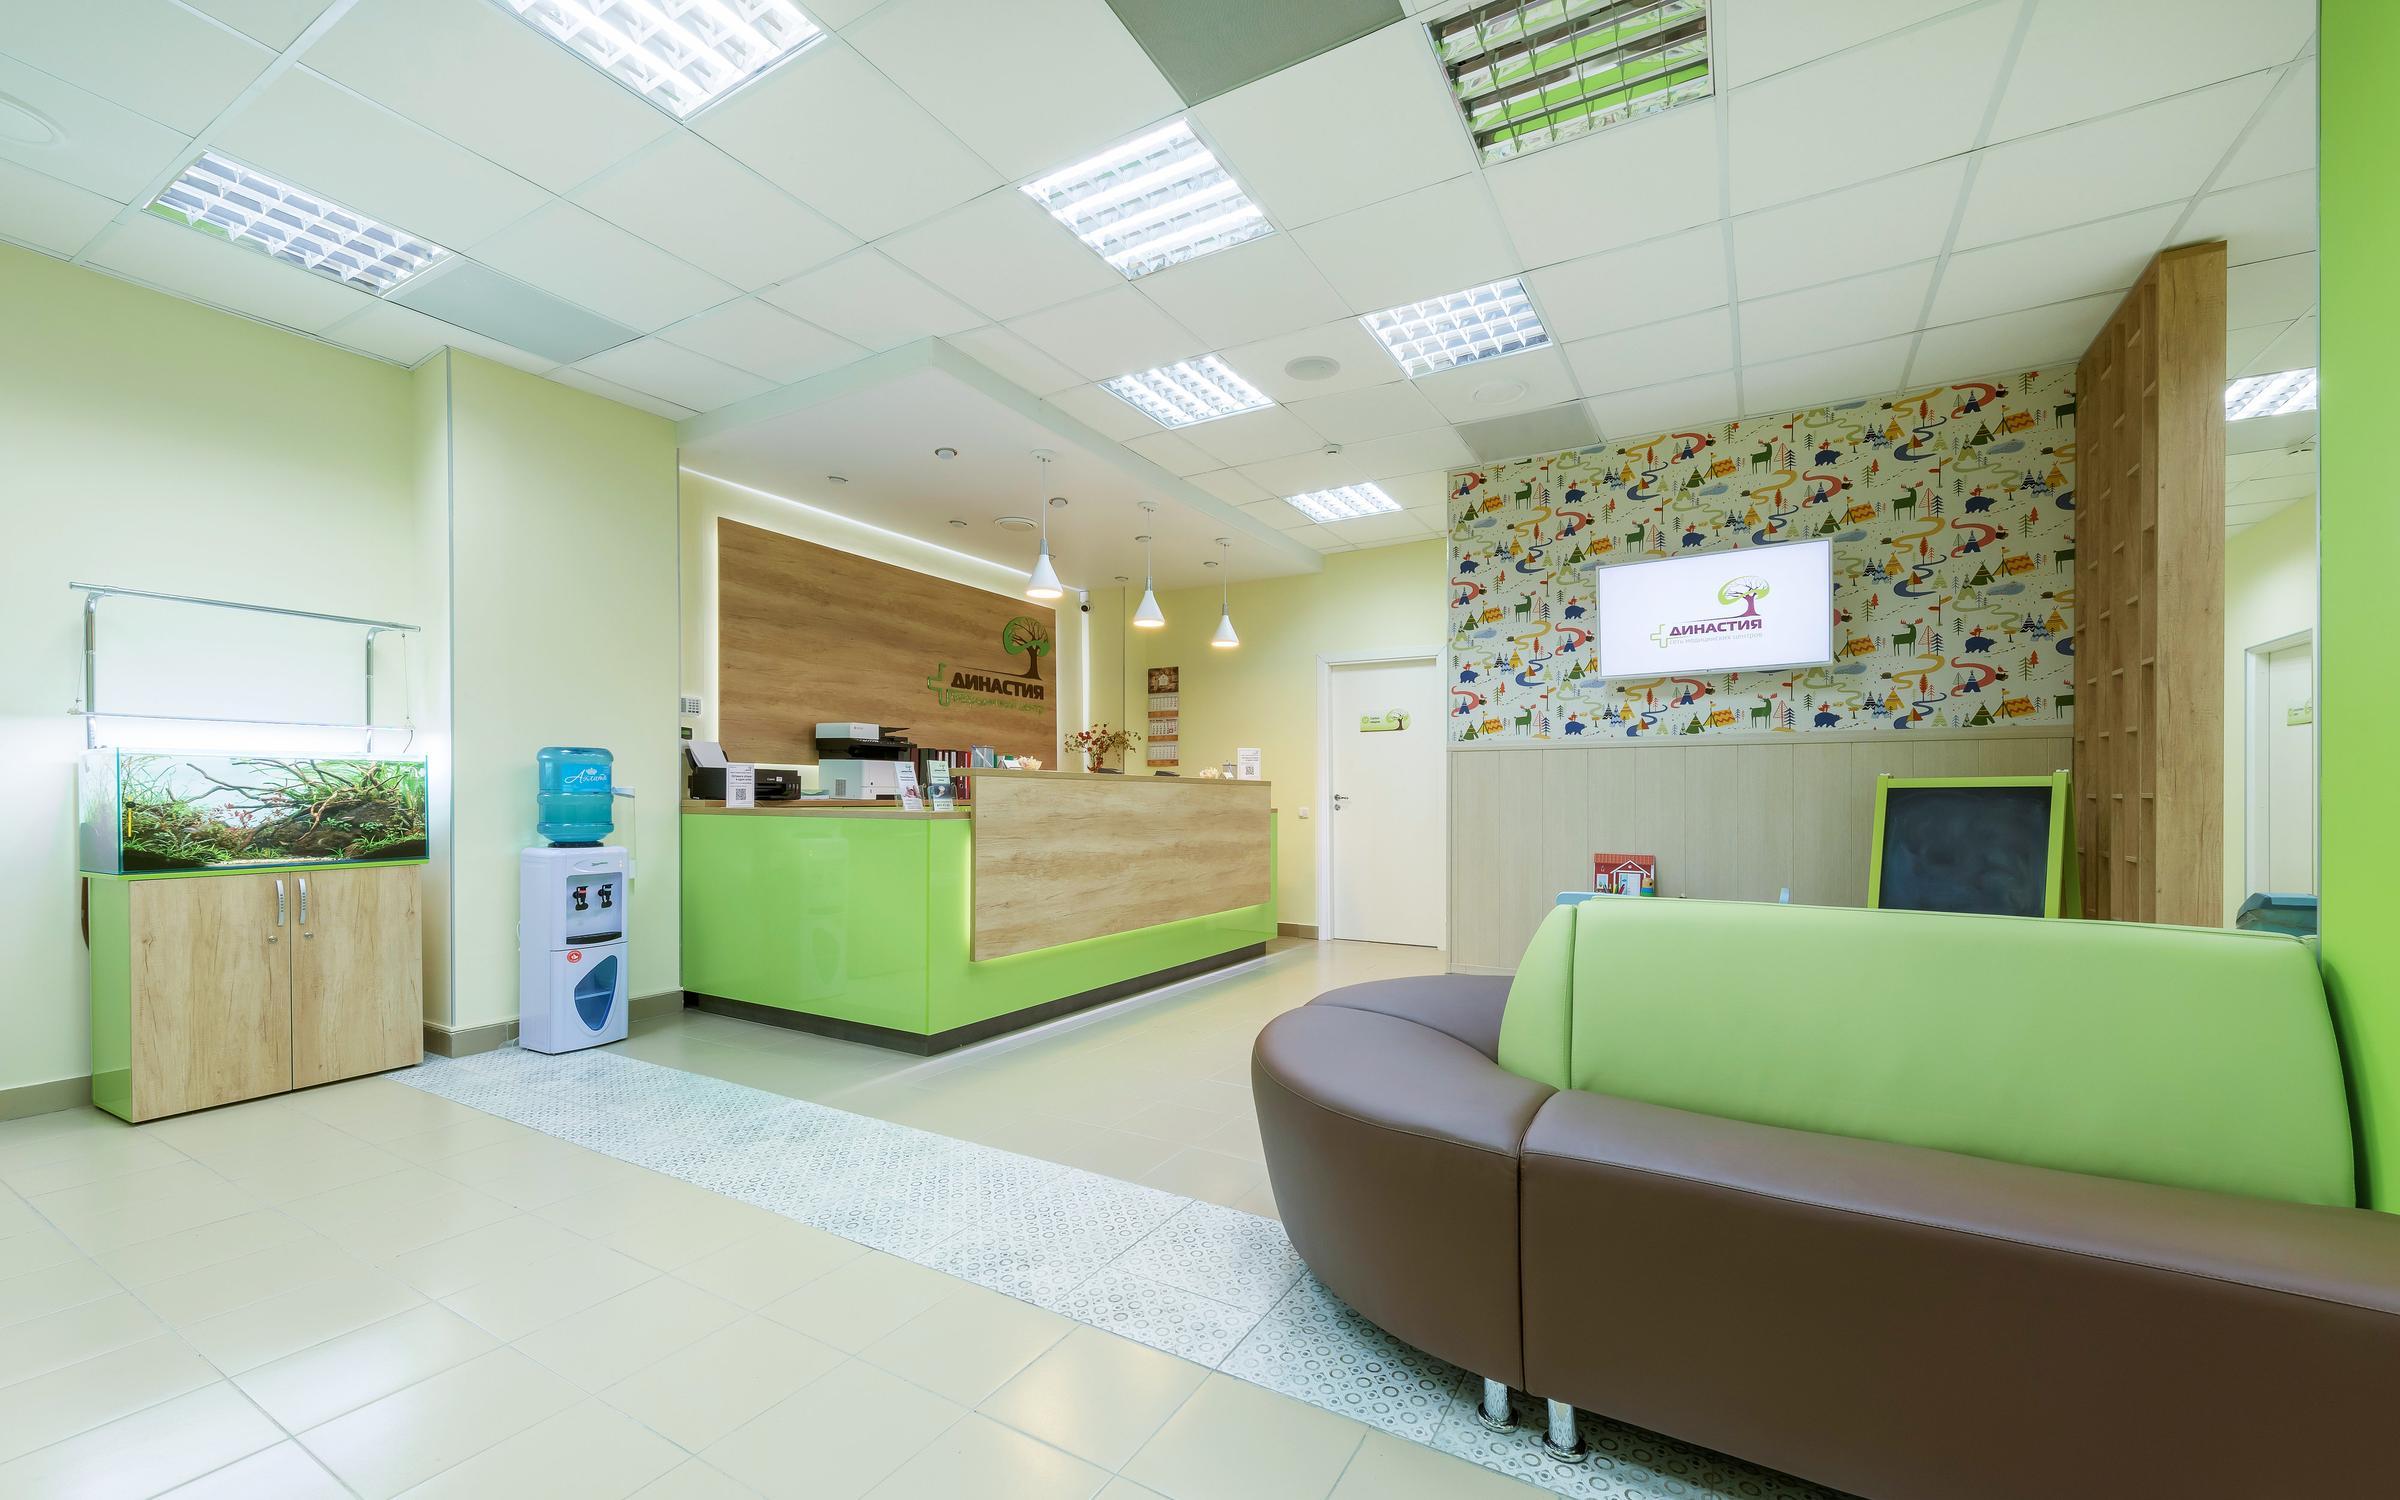 фотография Медицинского центра Династия на улице Ленина